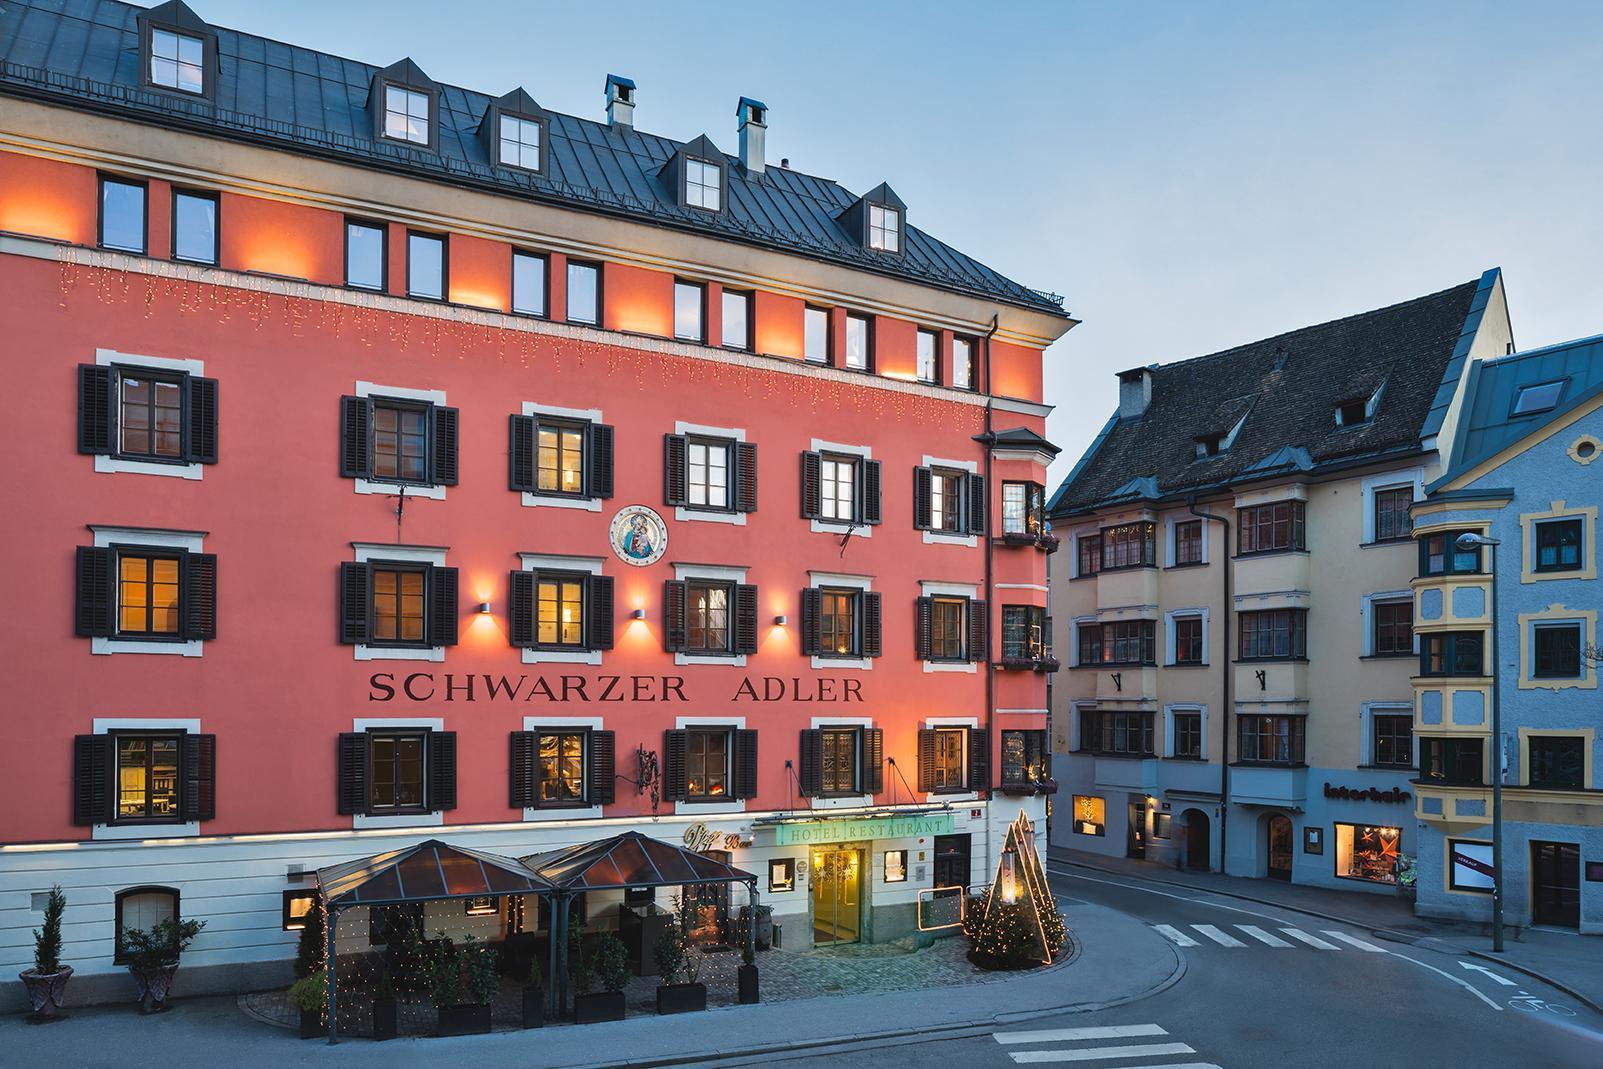 Schwarzer Adler Hotel Innsbruck